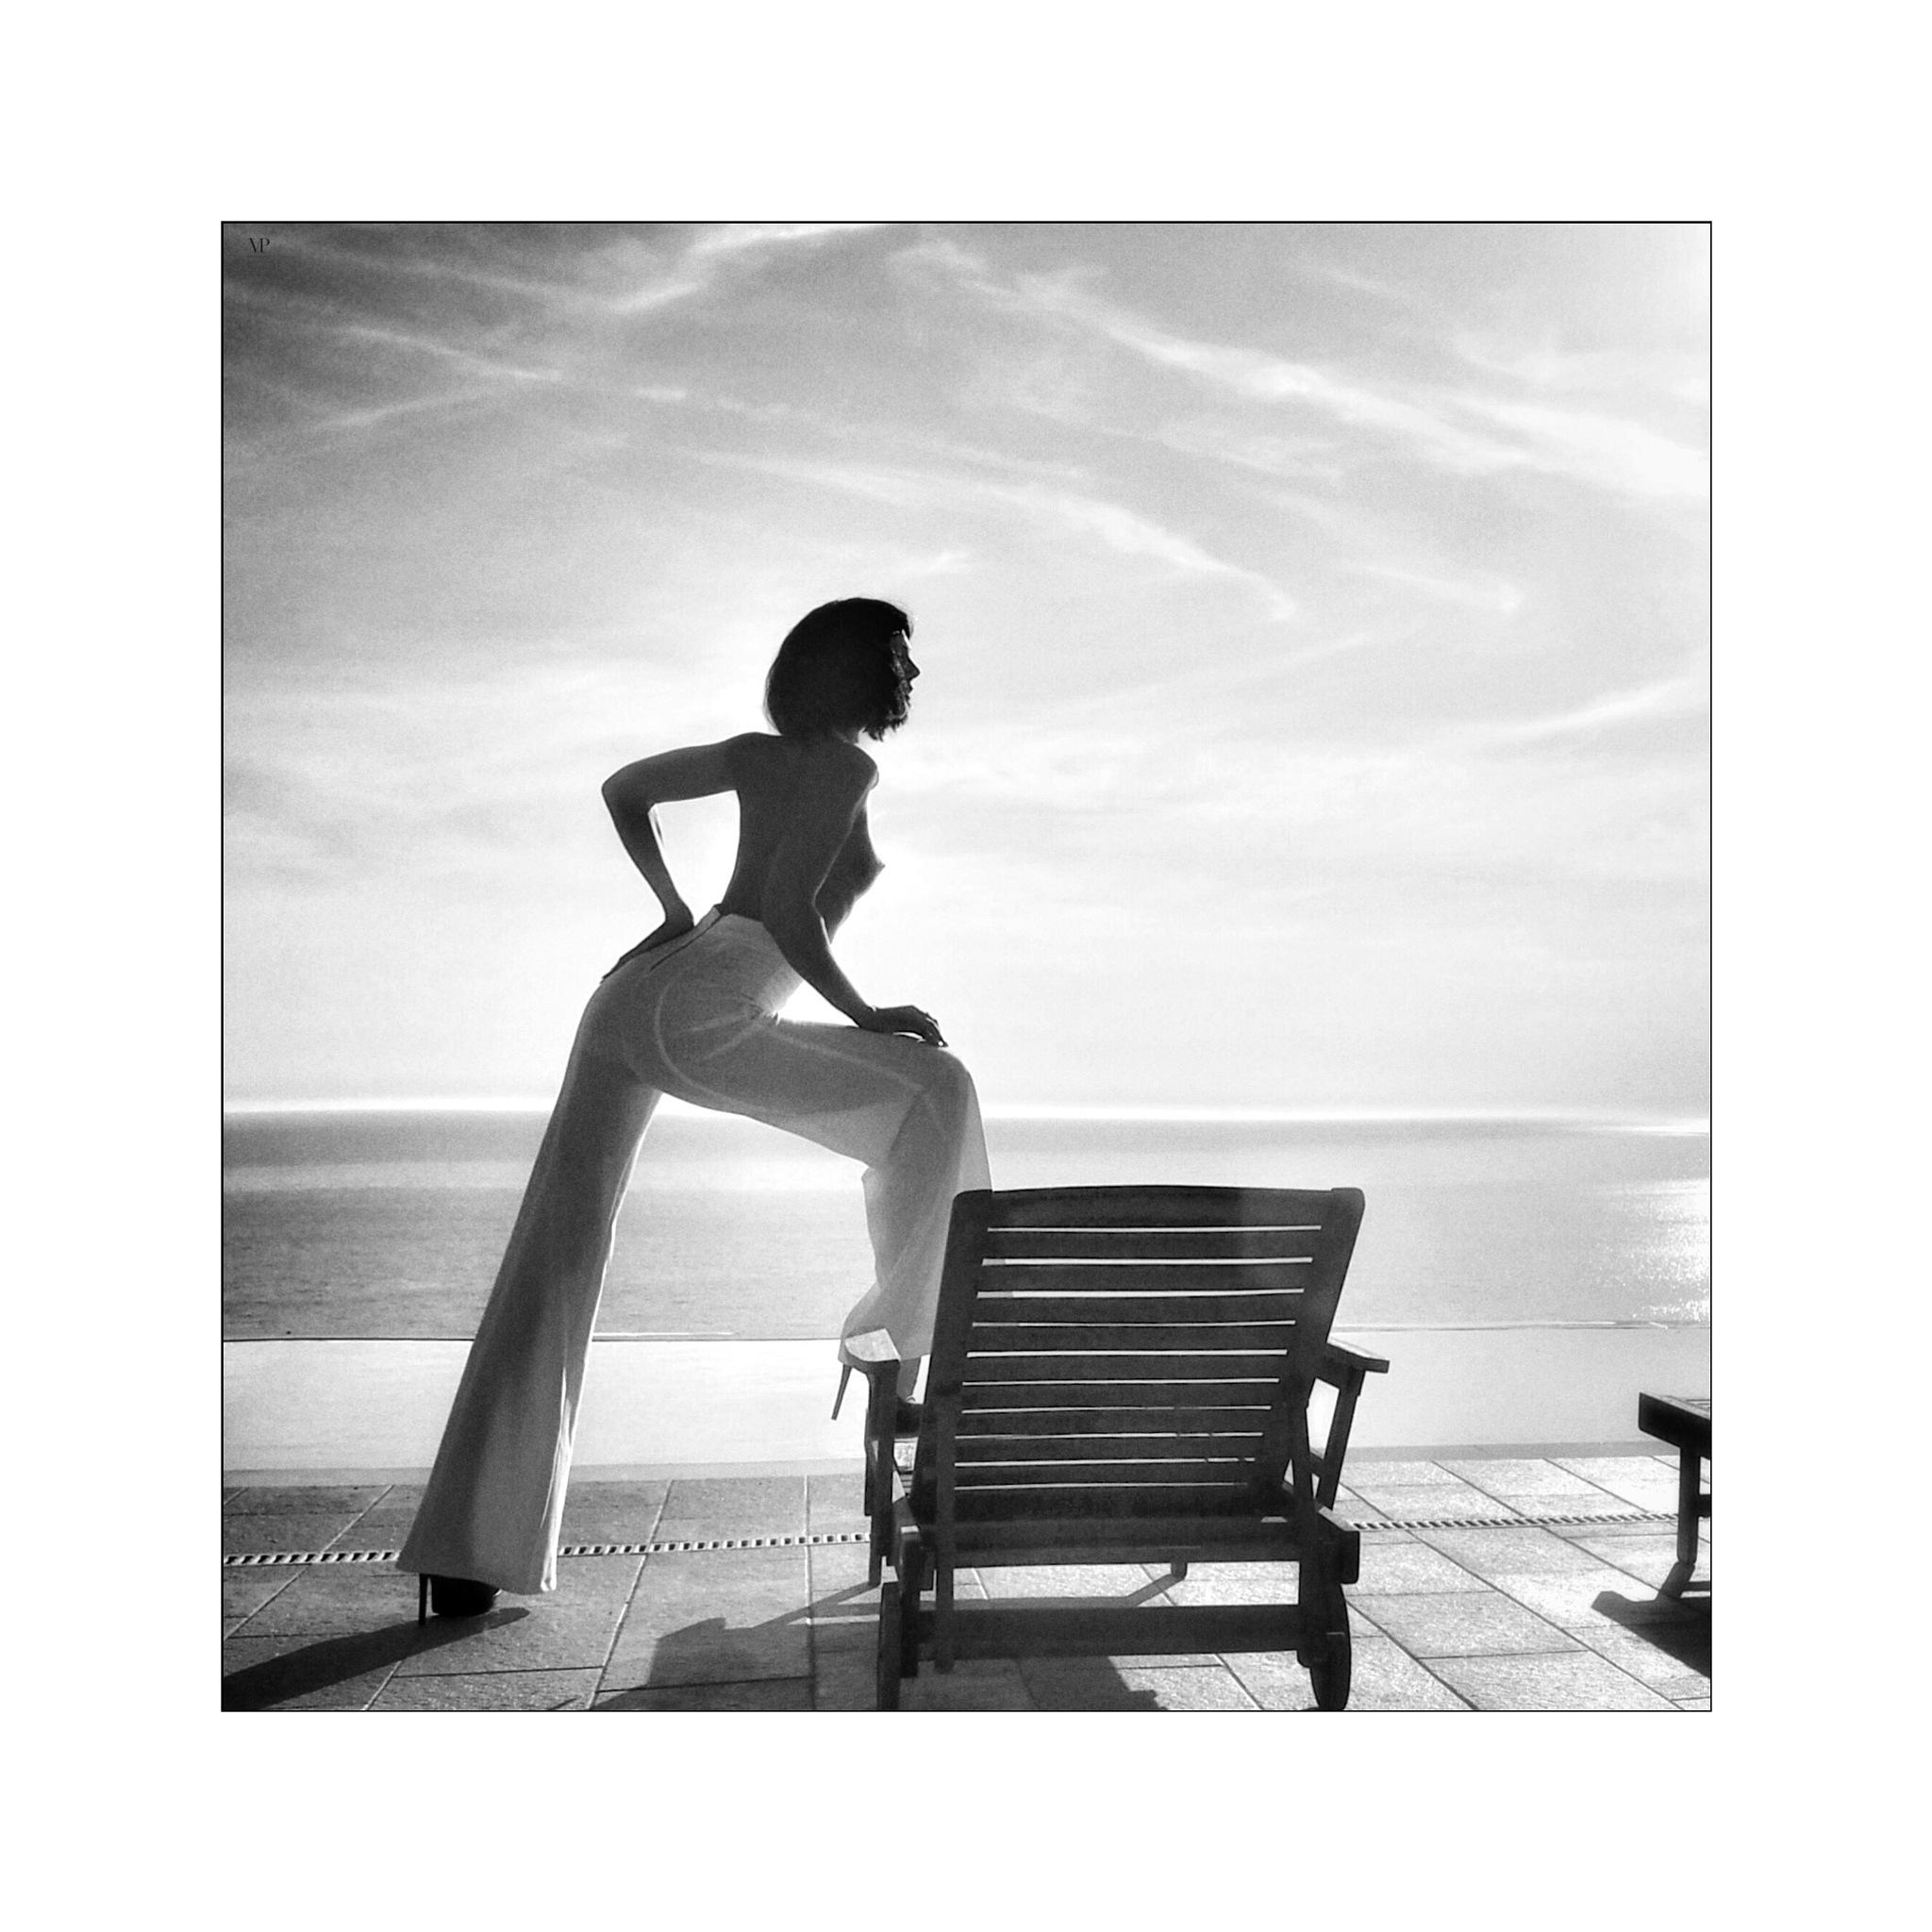 J'aime cette femme mystérieuse   by                         Vassilis Pitoulis     @vpitoulis